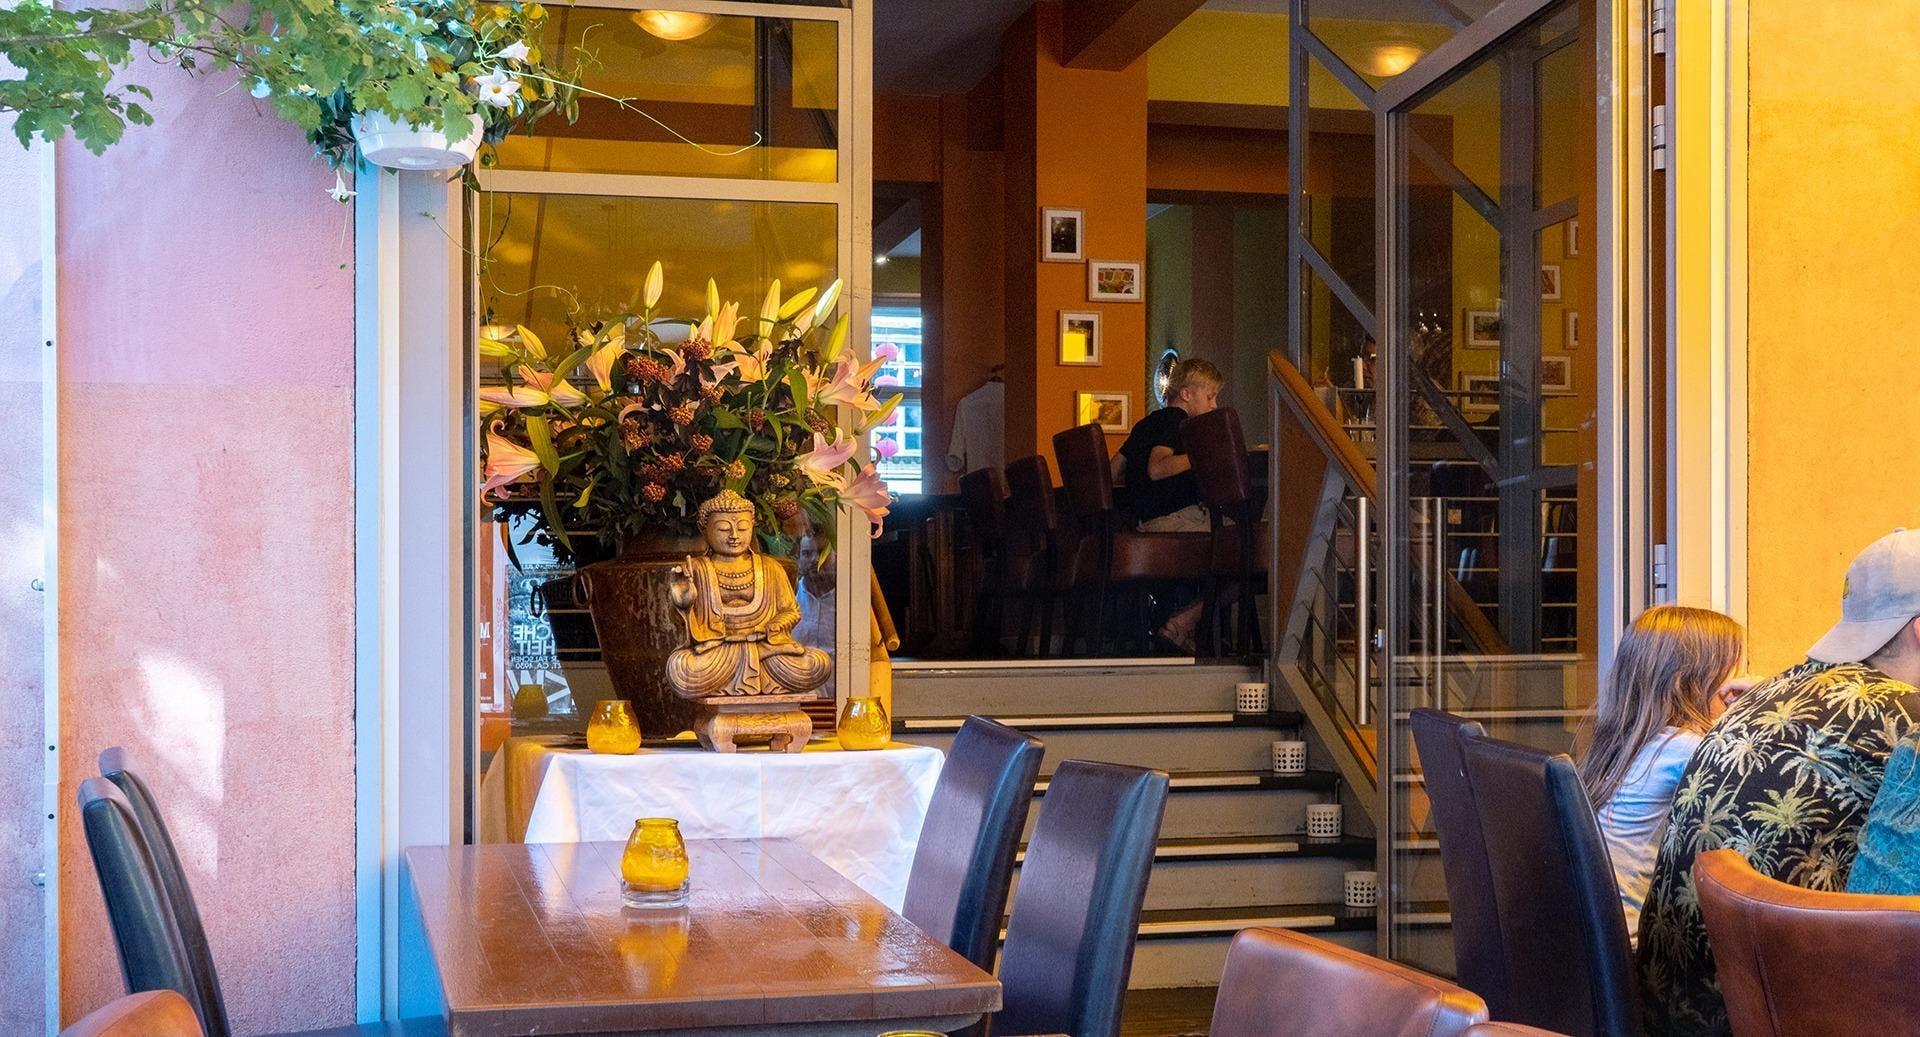 Swera Berlin image 2